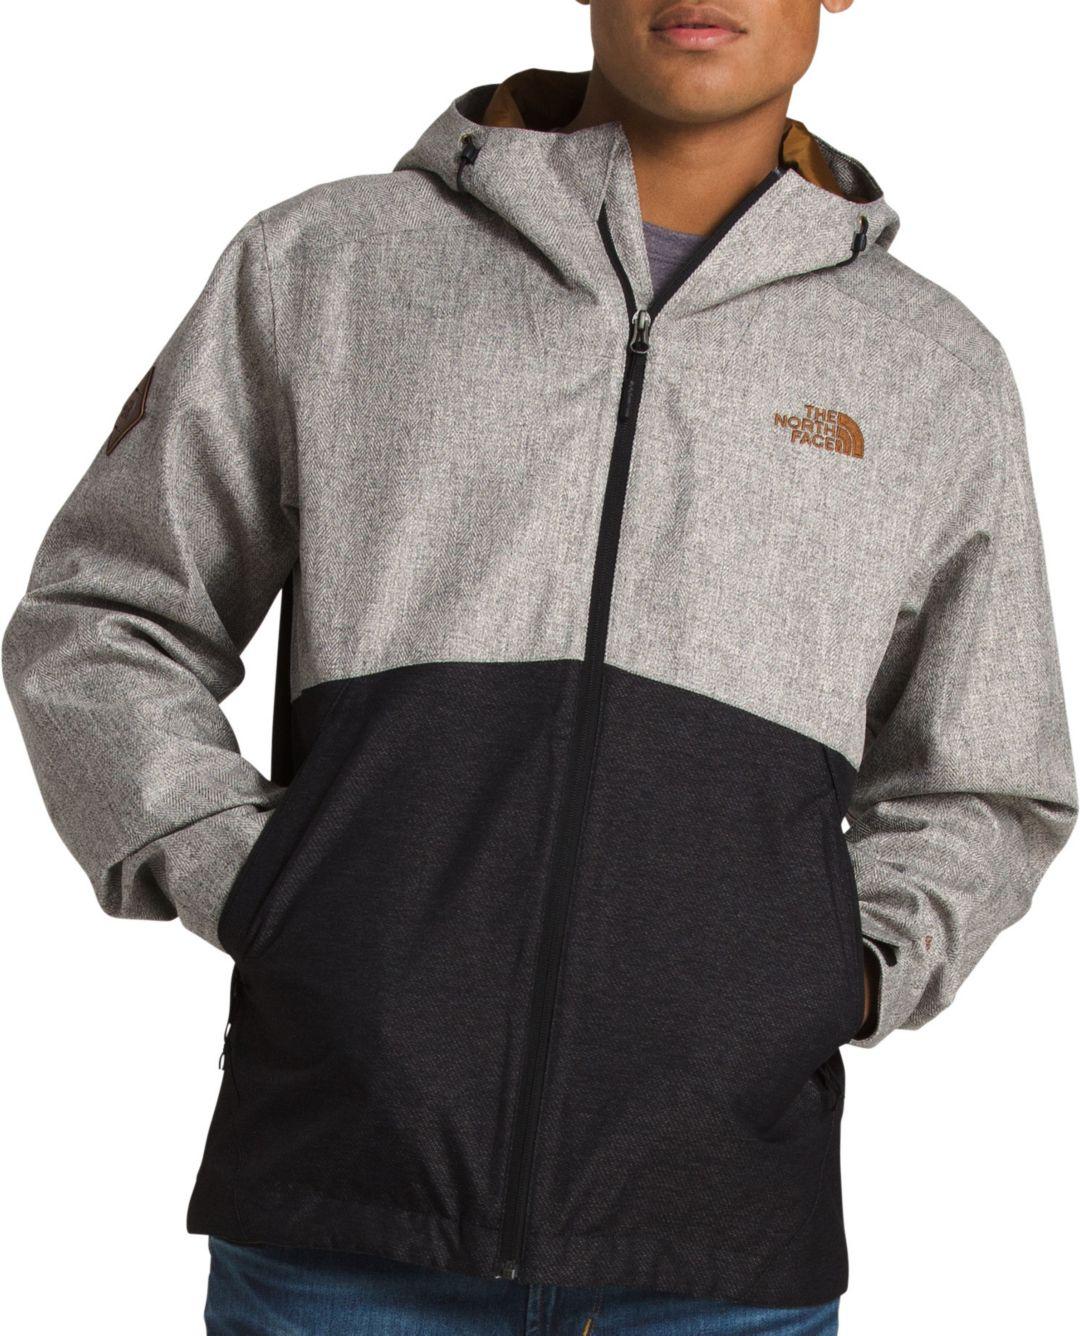 e71e19a02 The North Face Men's Millerton Rain Jacket